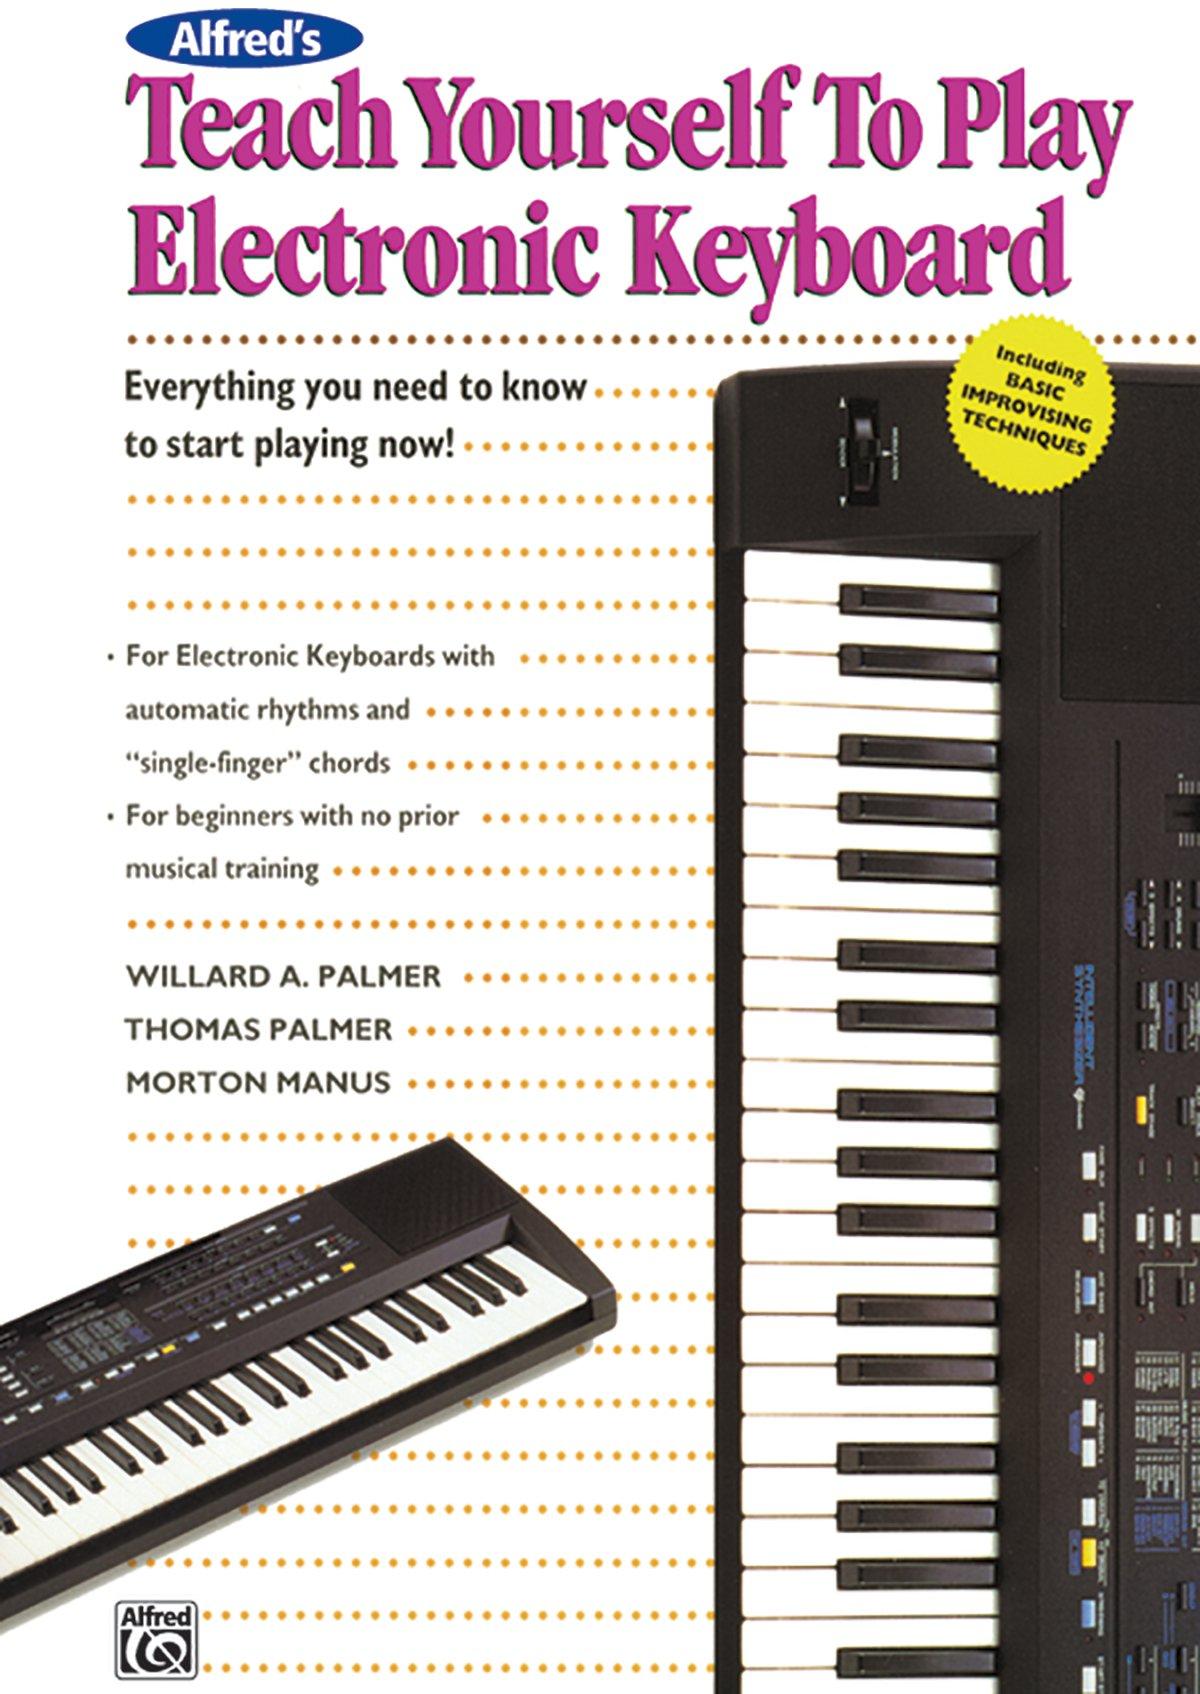 Christmas Keyboards Plus Derek Hobbs Keyboard Learn to Play MUSIC BOOK